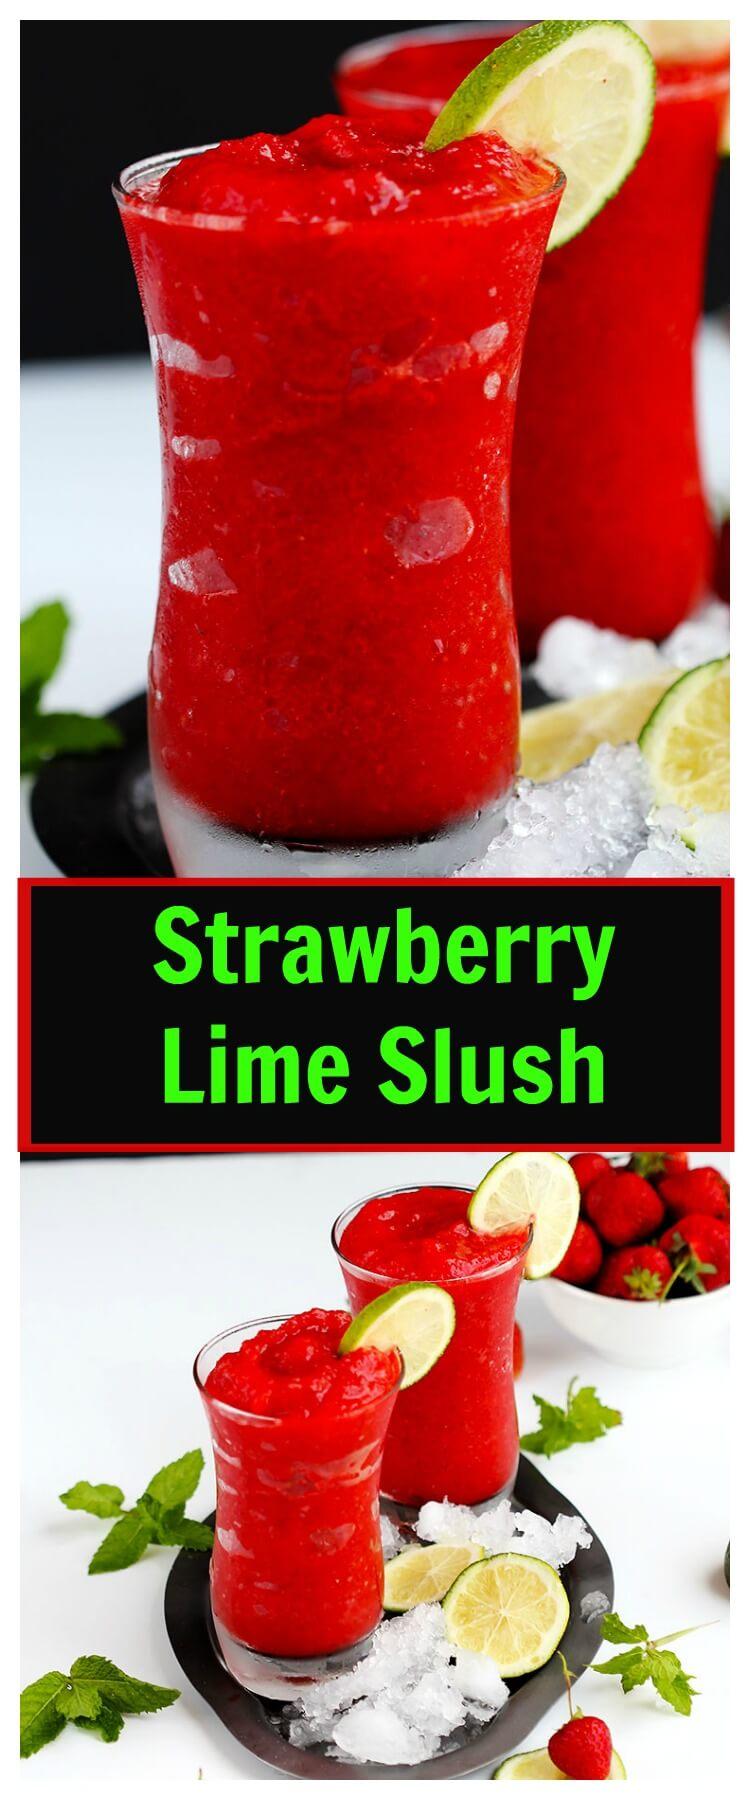 Strawberry Lime Slush - Fruit slushies are the perfect summer drink ...